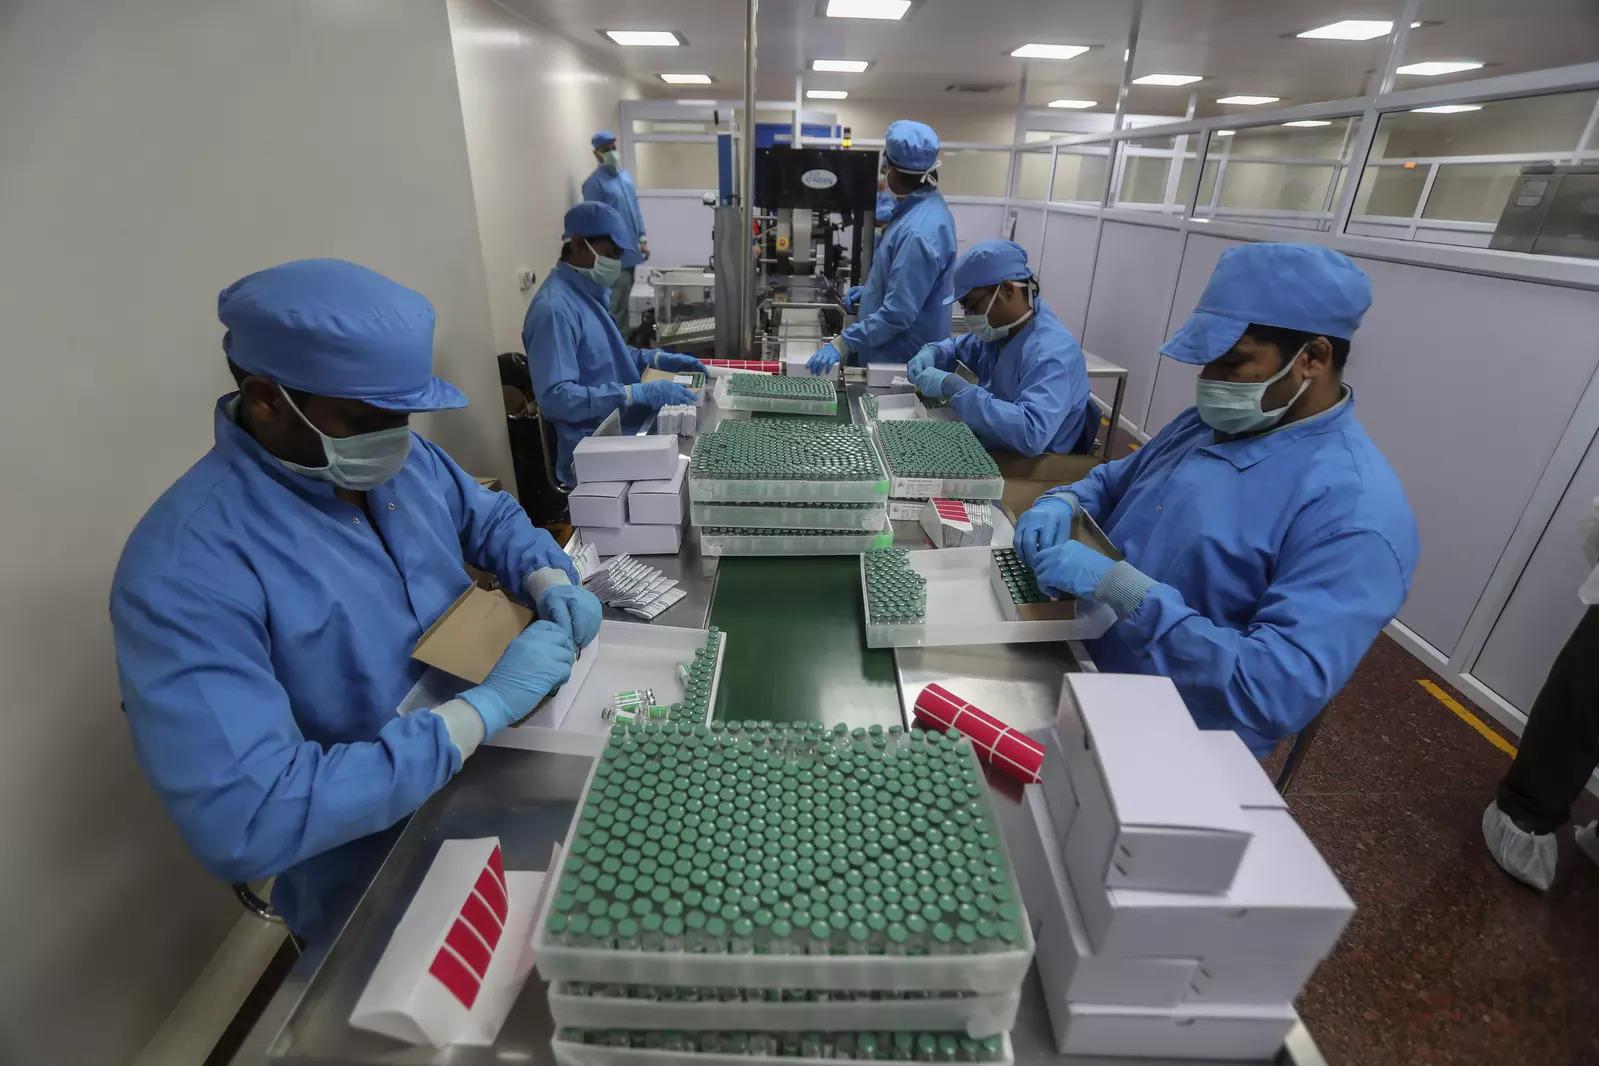 קנדה תרכוש 2 מיליון מנות של חיסון SII